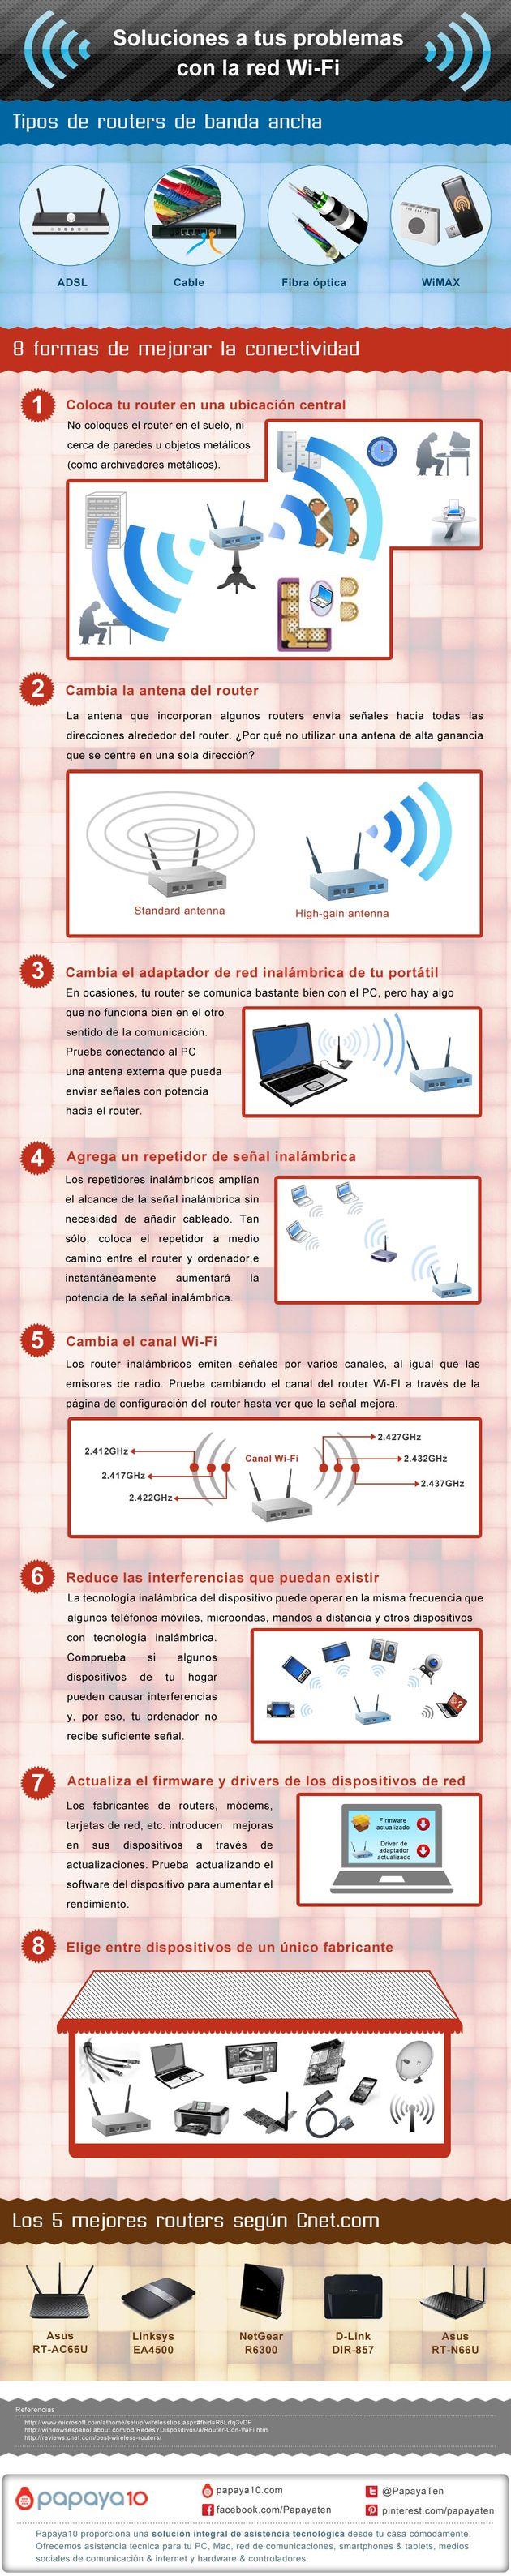 Soluciones a tus problemas con la red Wi Fi2 Una infografía con ocho consejos para optimizar nuestra conectividad WiFi